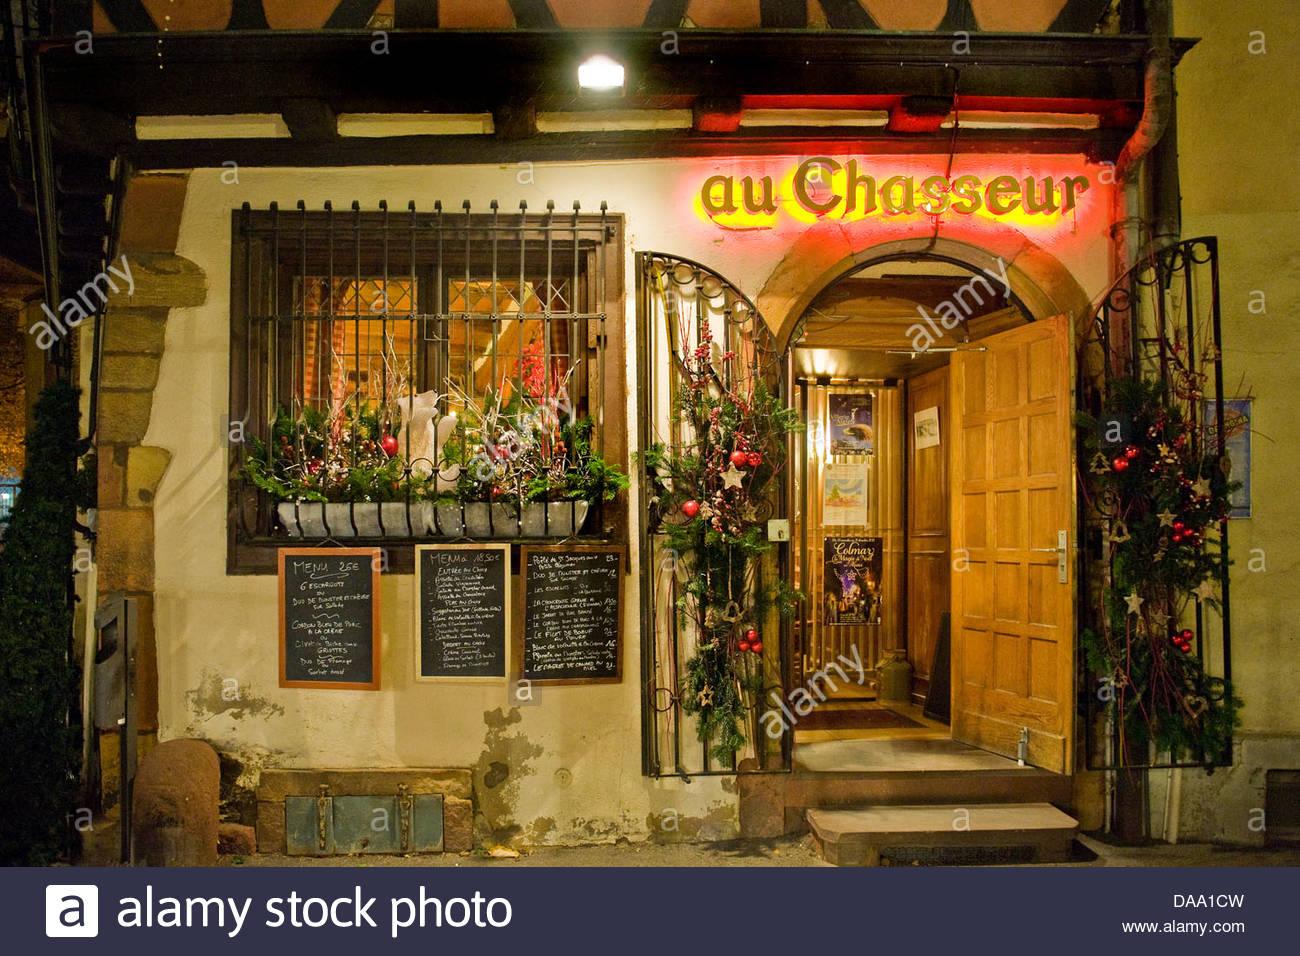 France,Alsace,Colmar,Au Chasseur restaurant - Stock Image